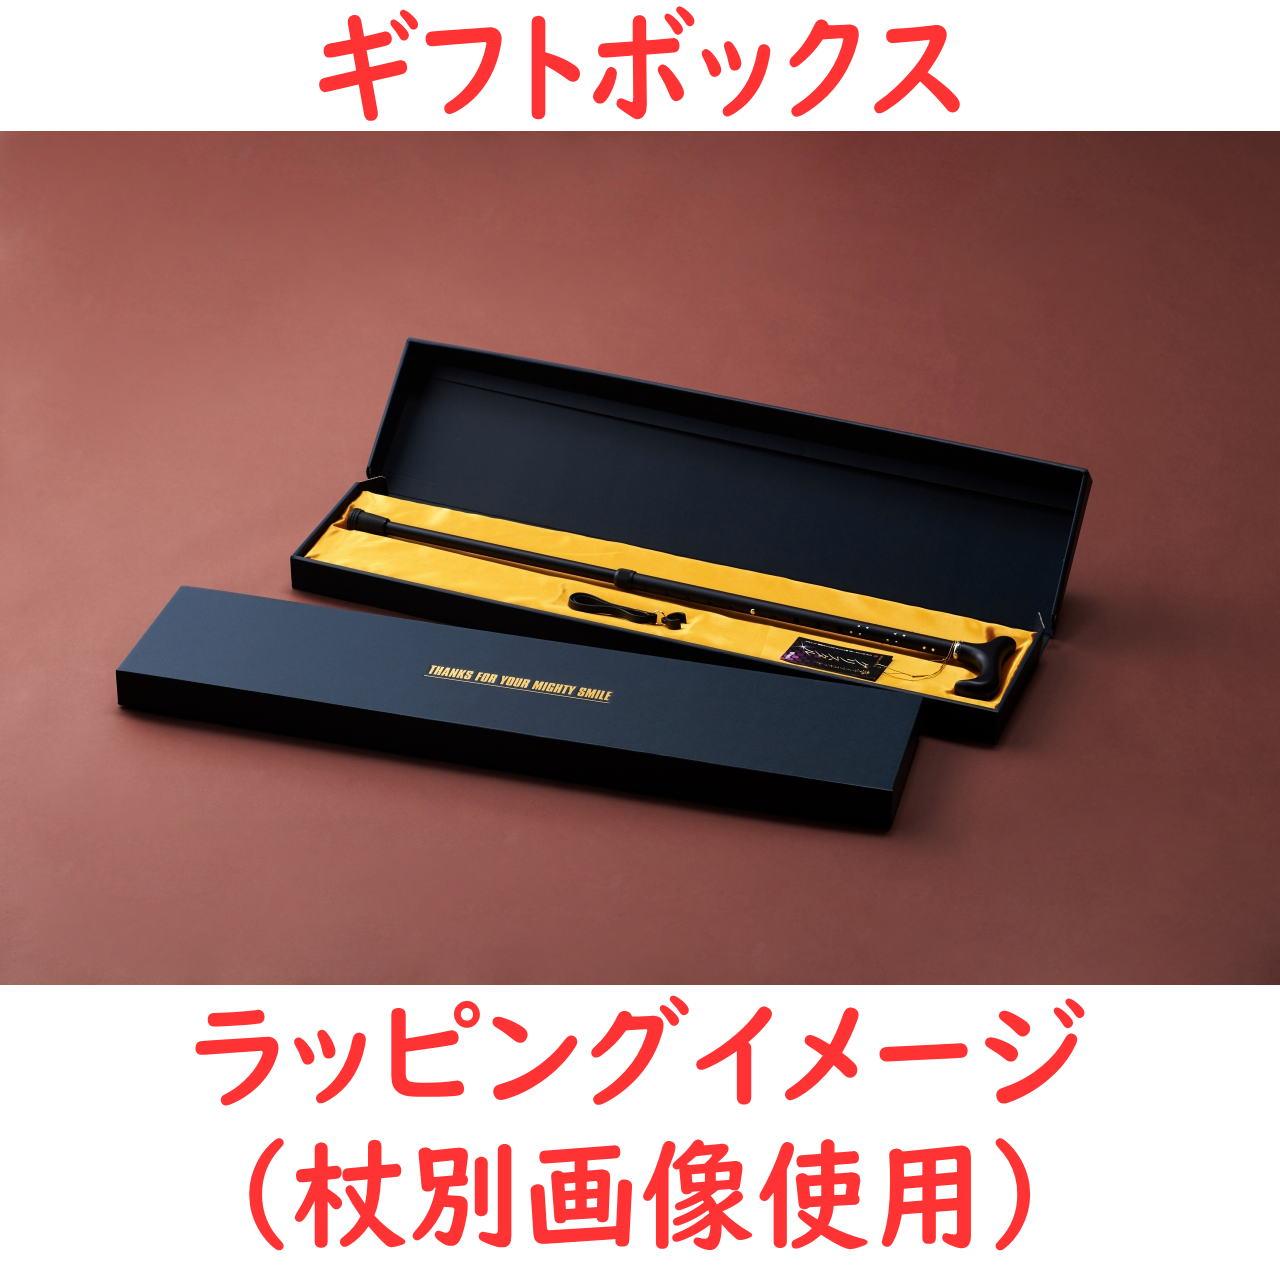 ☆ギフトボックス可☆ 夢ライフステッキ 折りたたみ伸縮型 ブラック